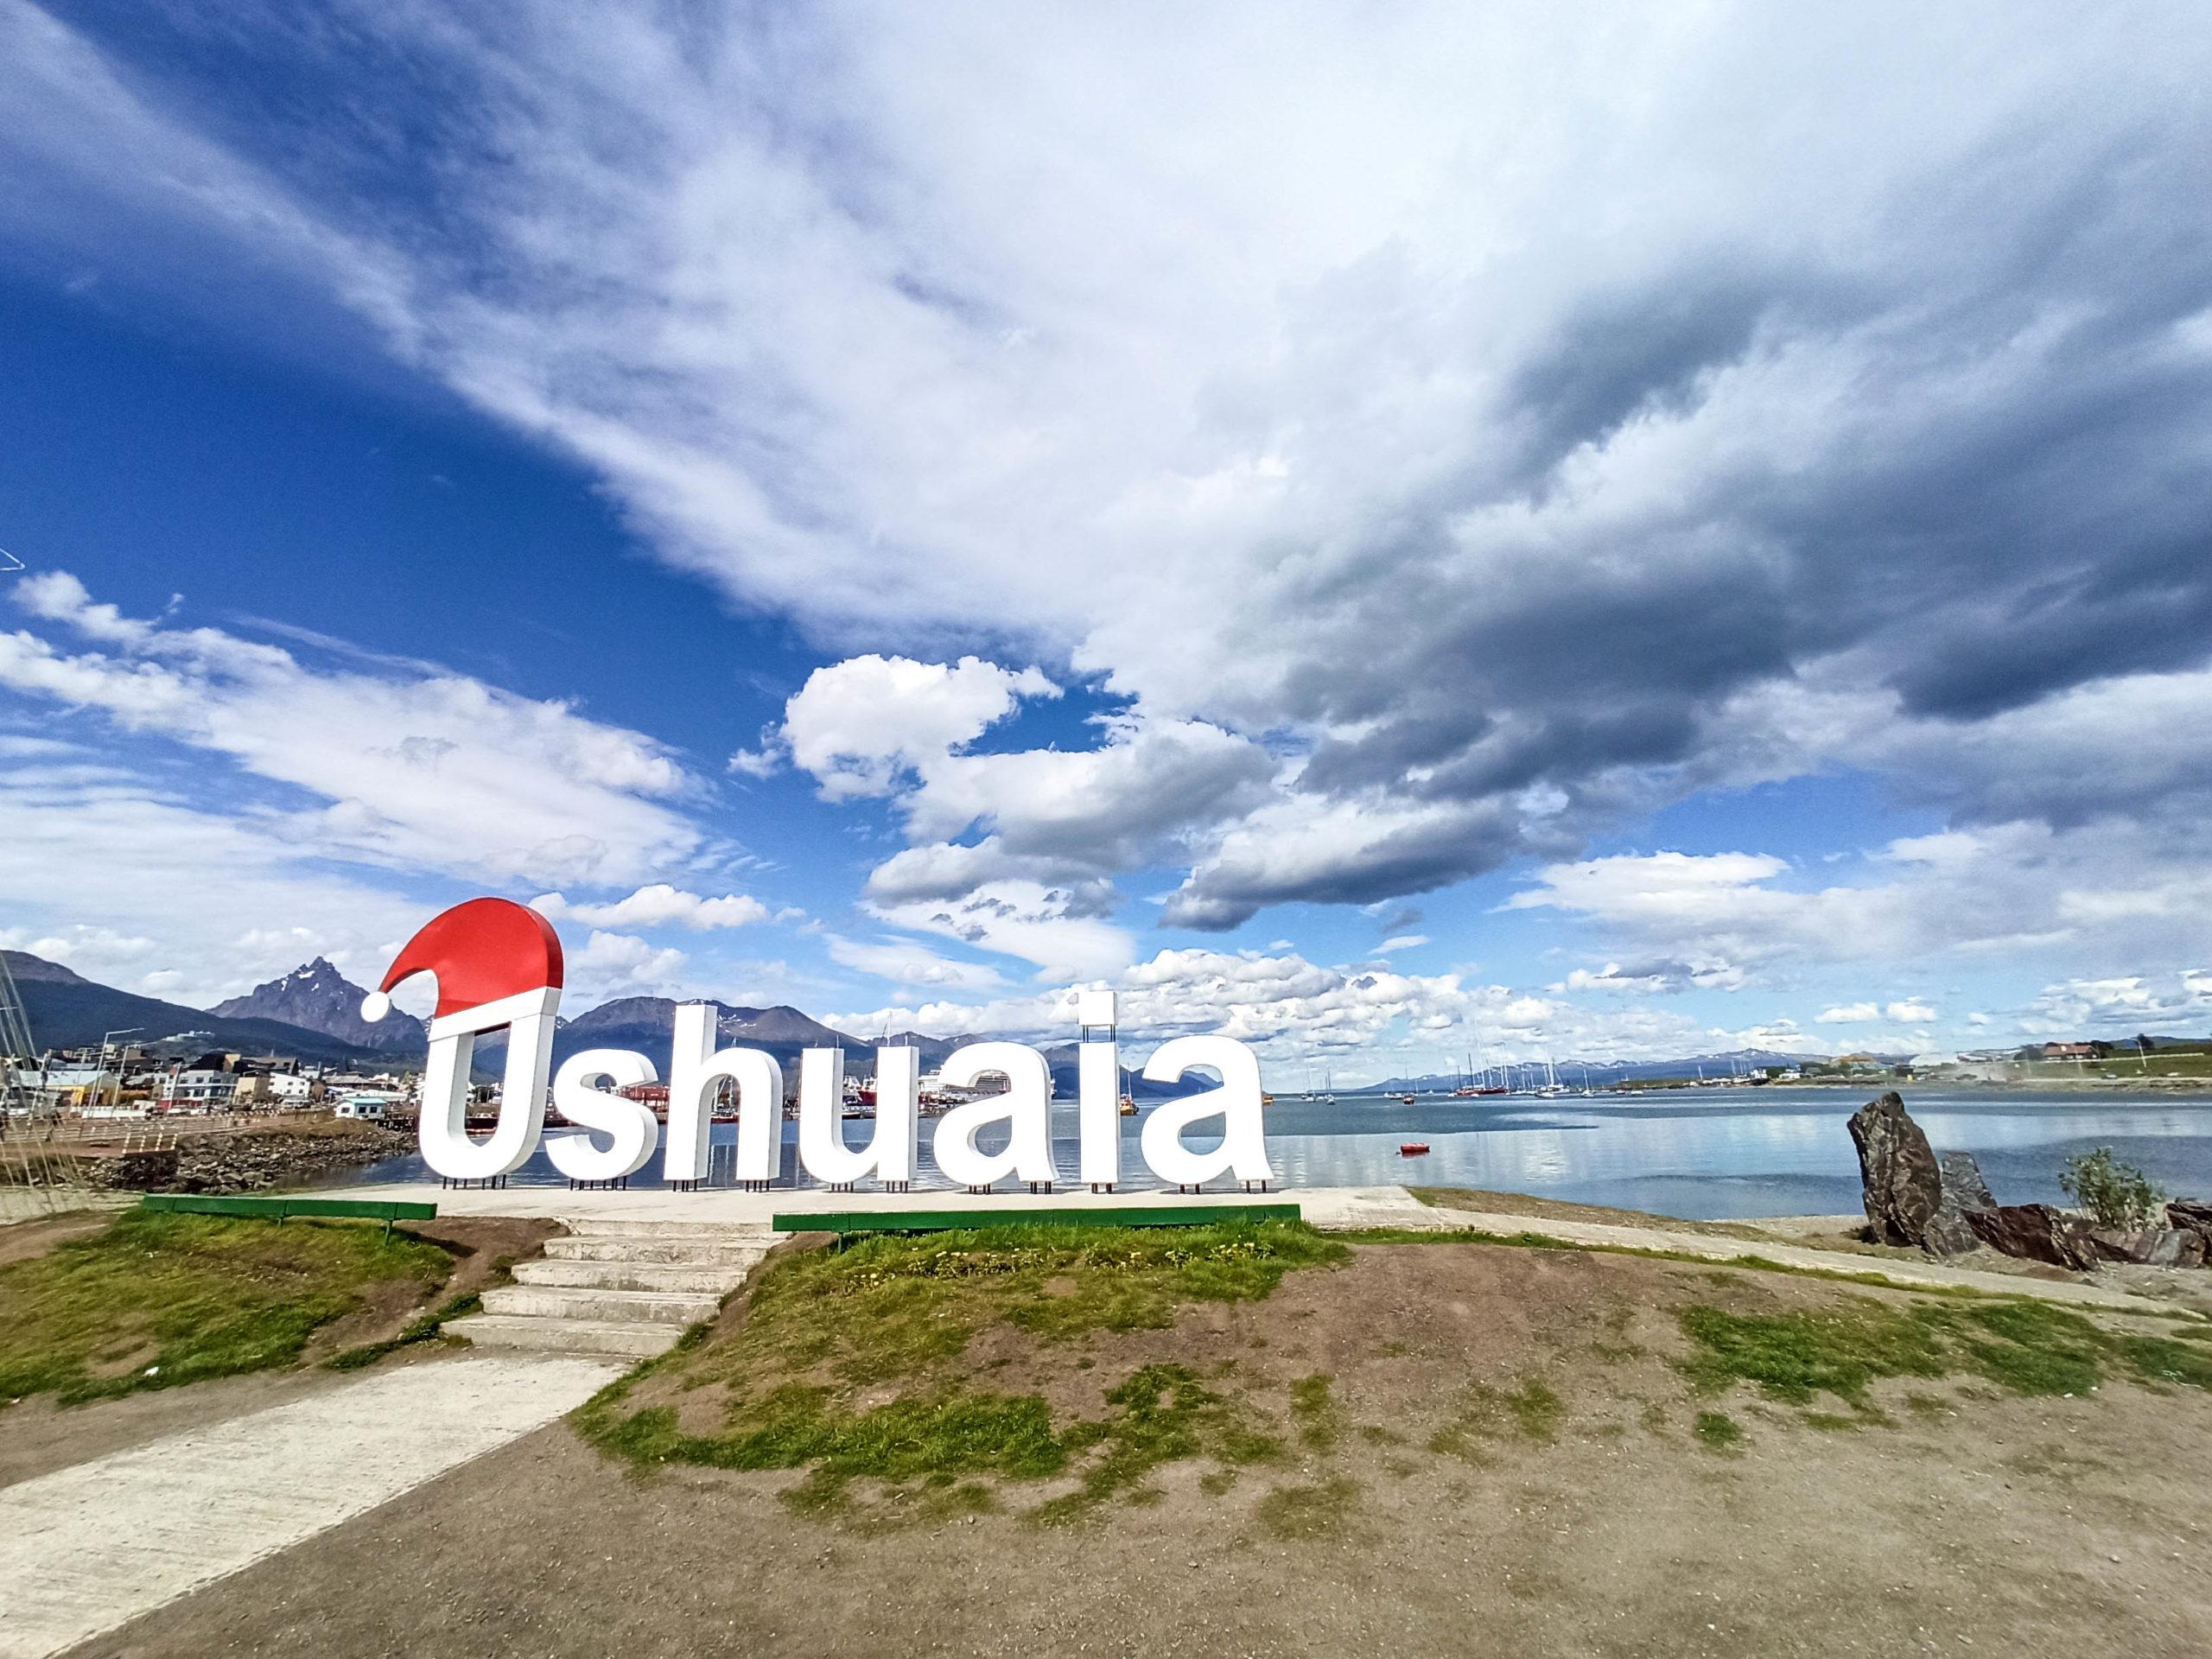 visiter ushuaia fetes de fin d'année noel